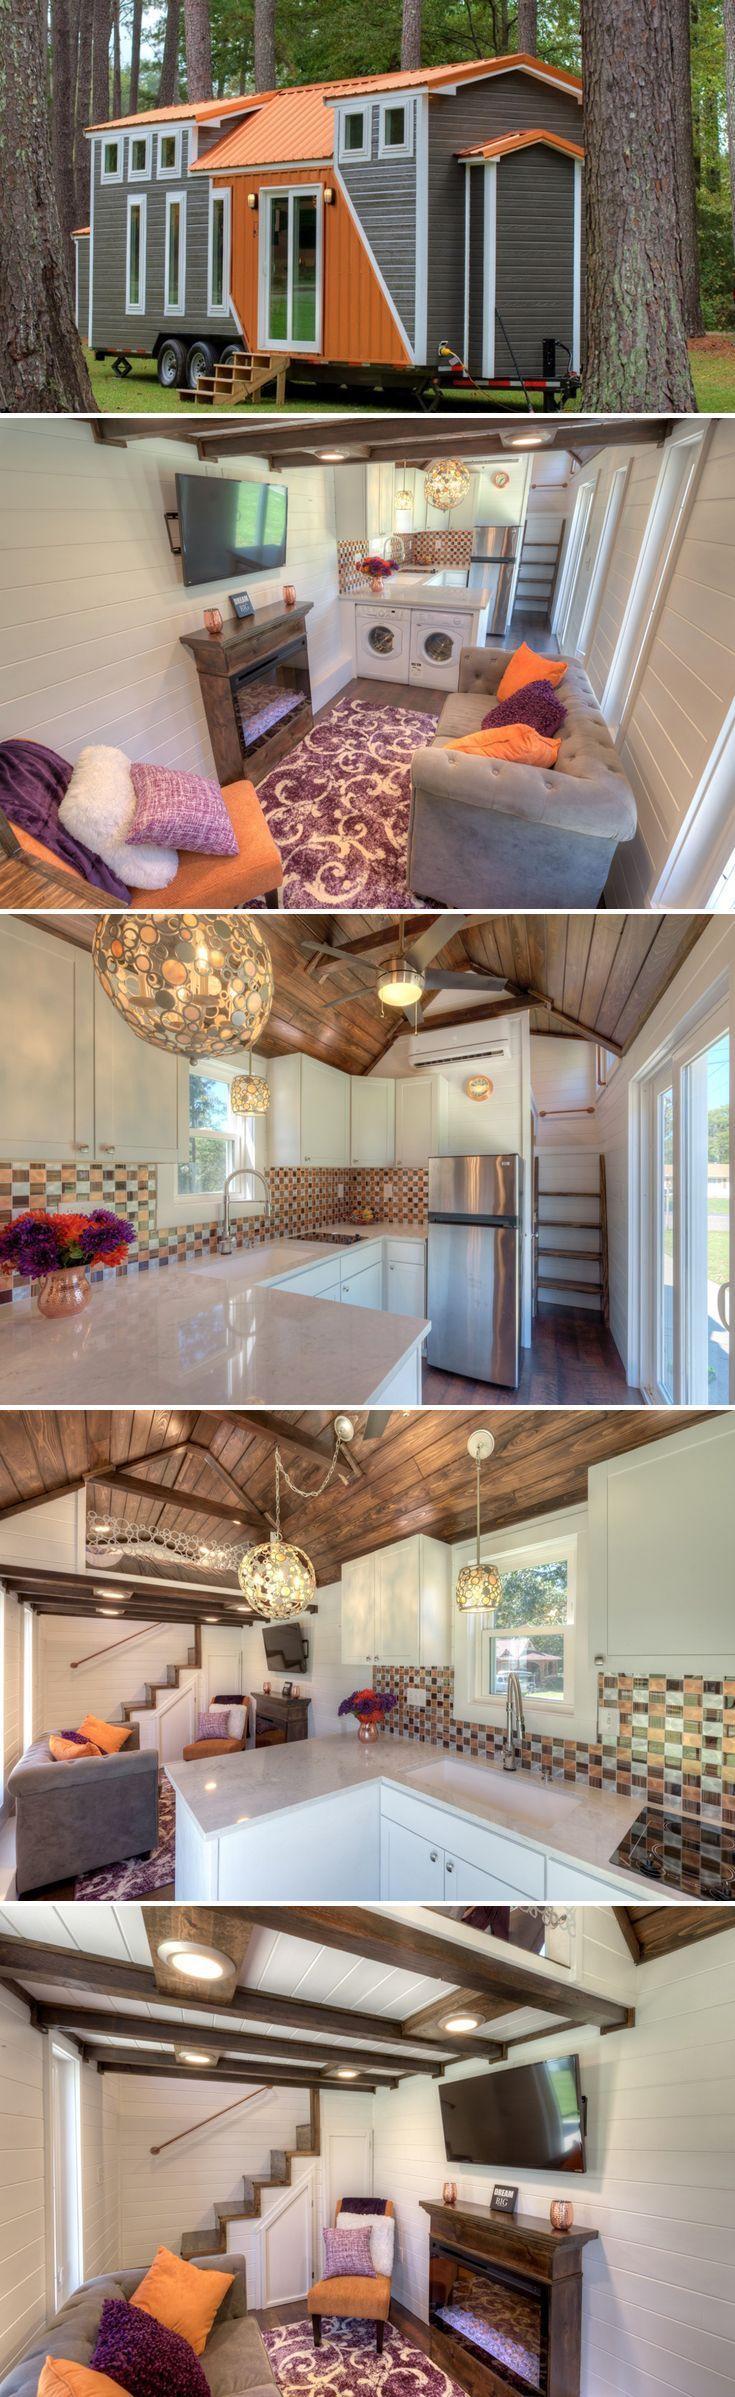 Von Alabama Tiny Homes ist ein weiteres wunderschönes 28 'Trinity W ... #tinyhome